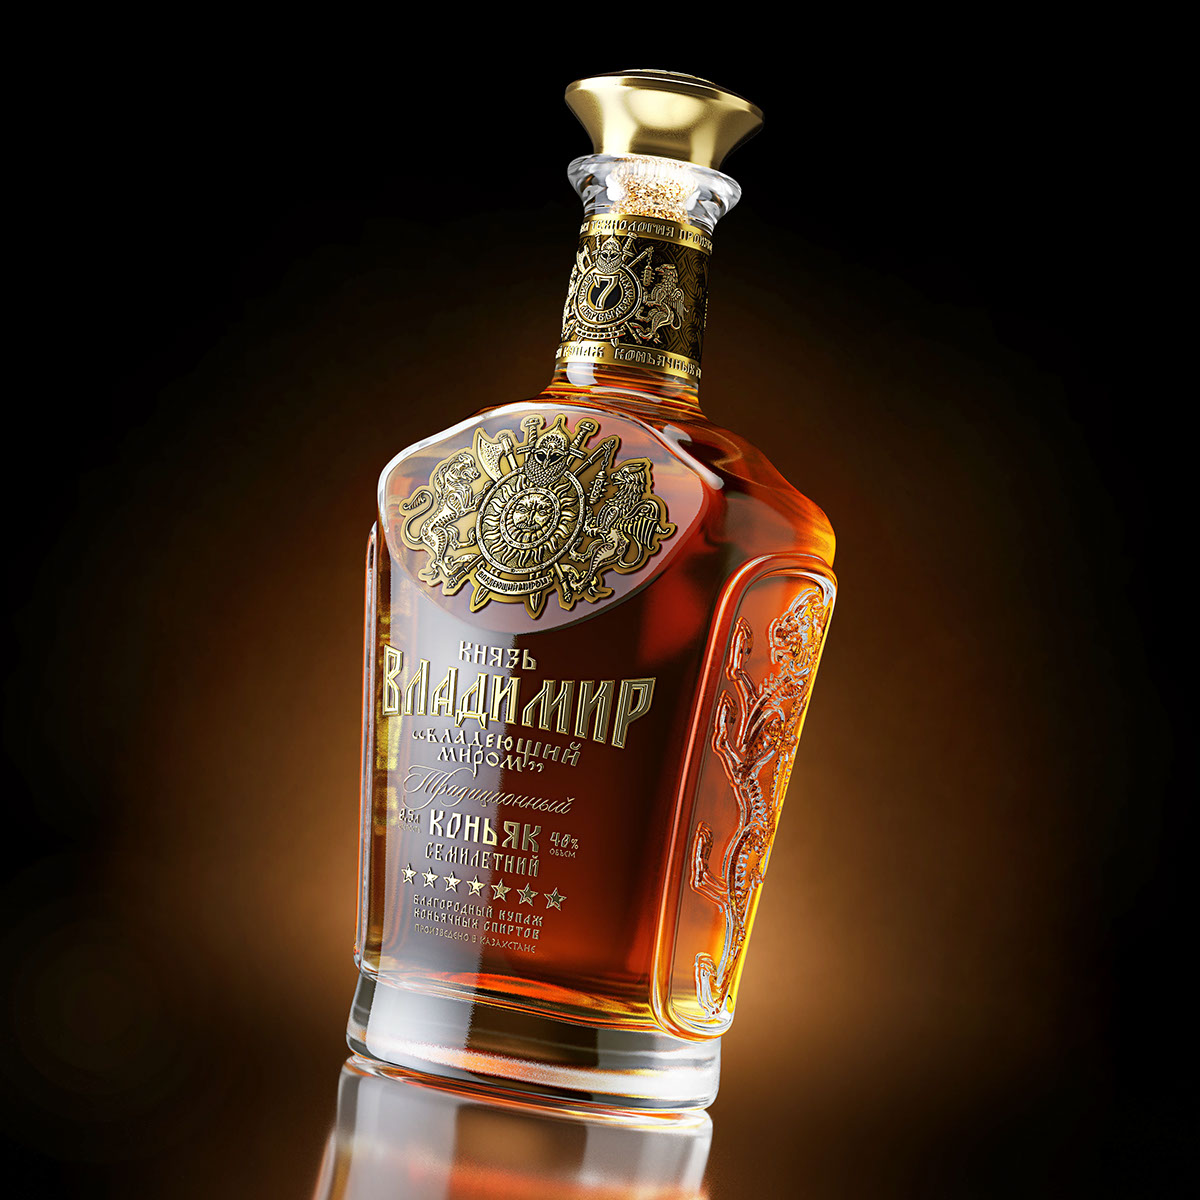 3D Visualization 3D bottle render Render of wine bottle bottle render 3D packaging visualization CGI vodka render cognac render bottle 3d rendering Packshot Cognac